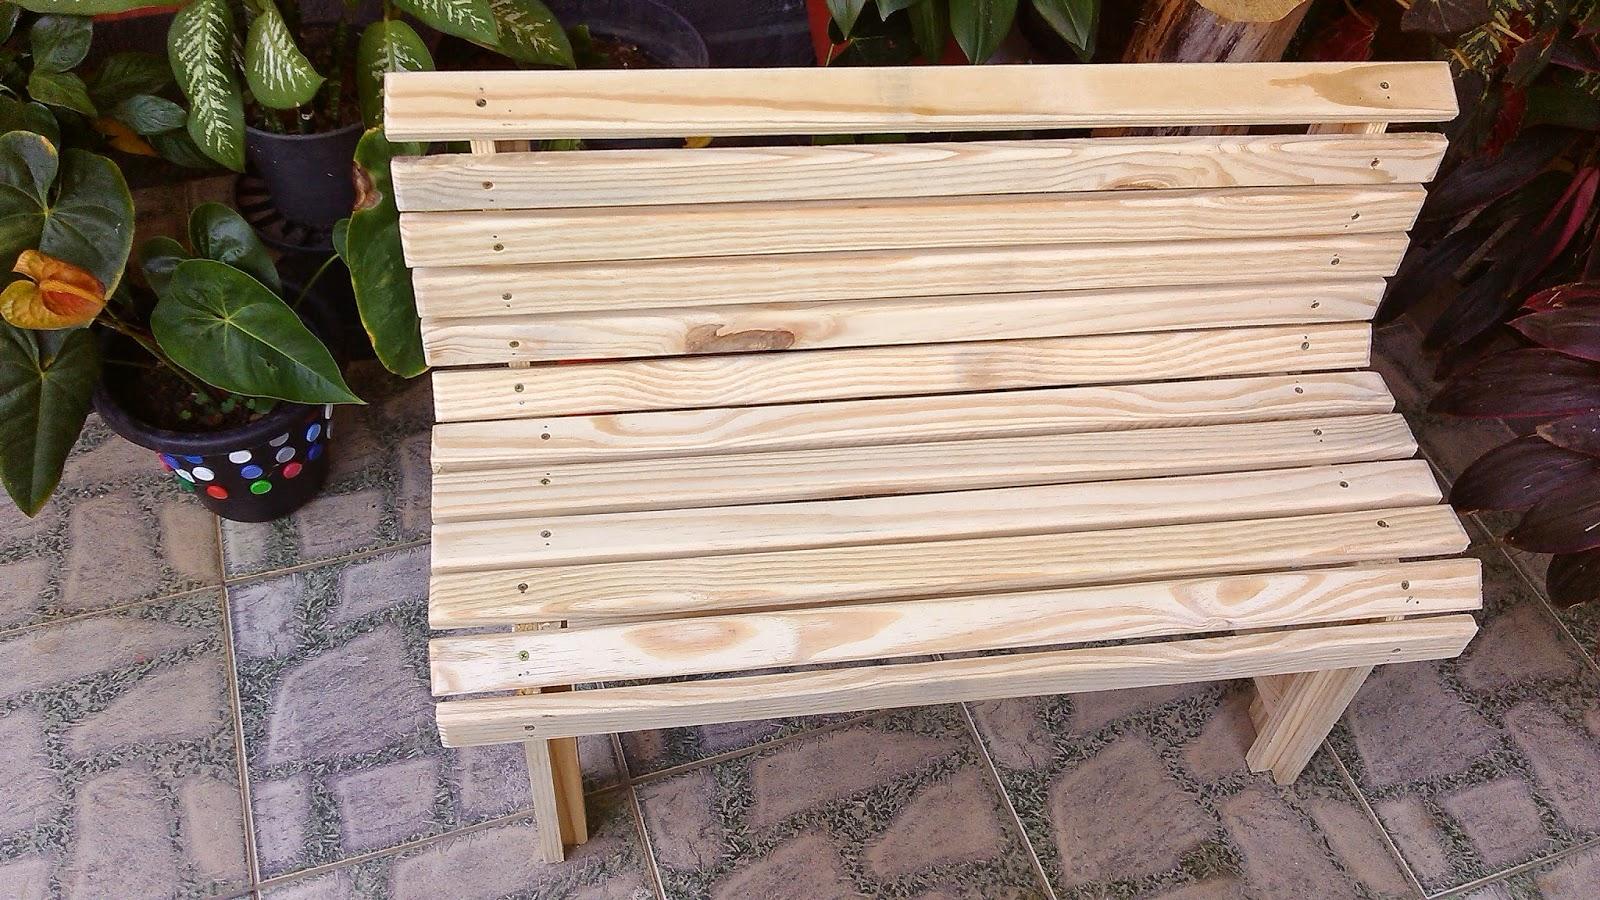 banco feito em madeira pinus banco tipo banco de jardim ou de varanda  #946337 1600x900